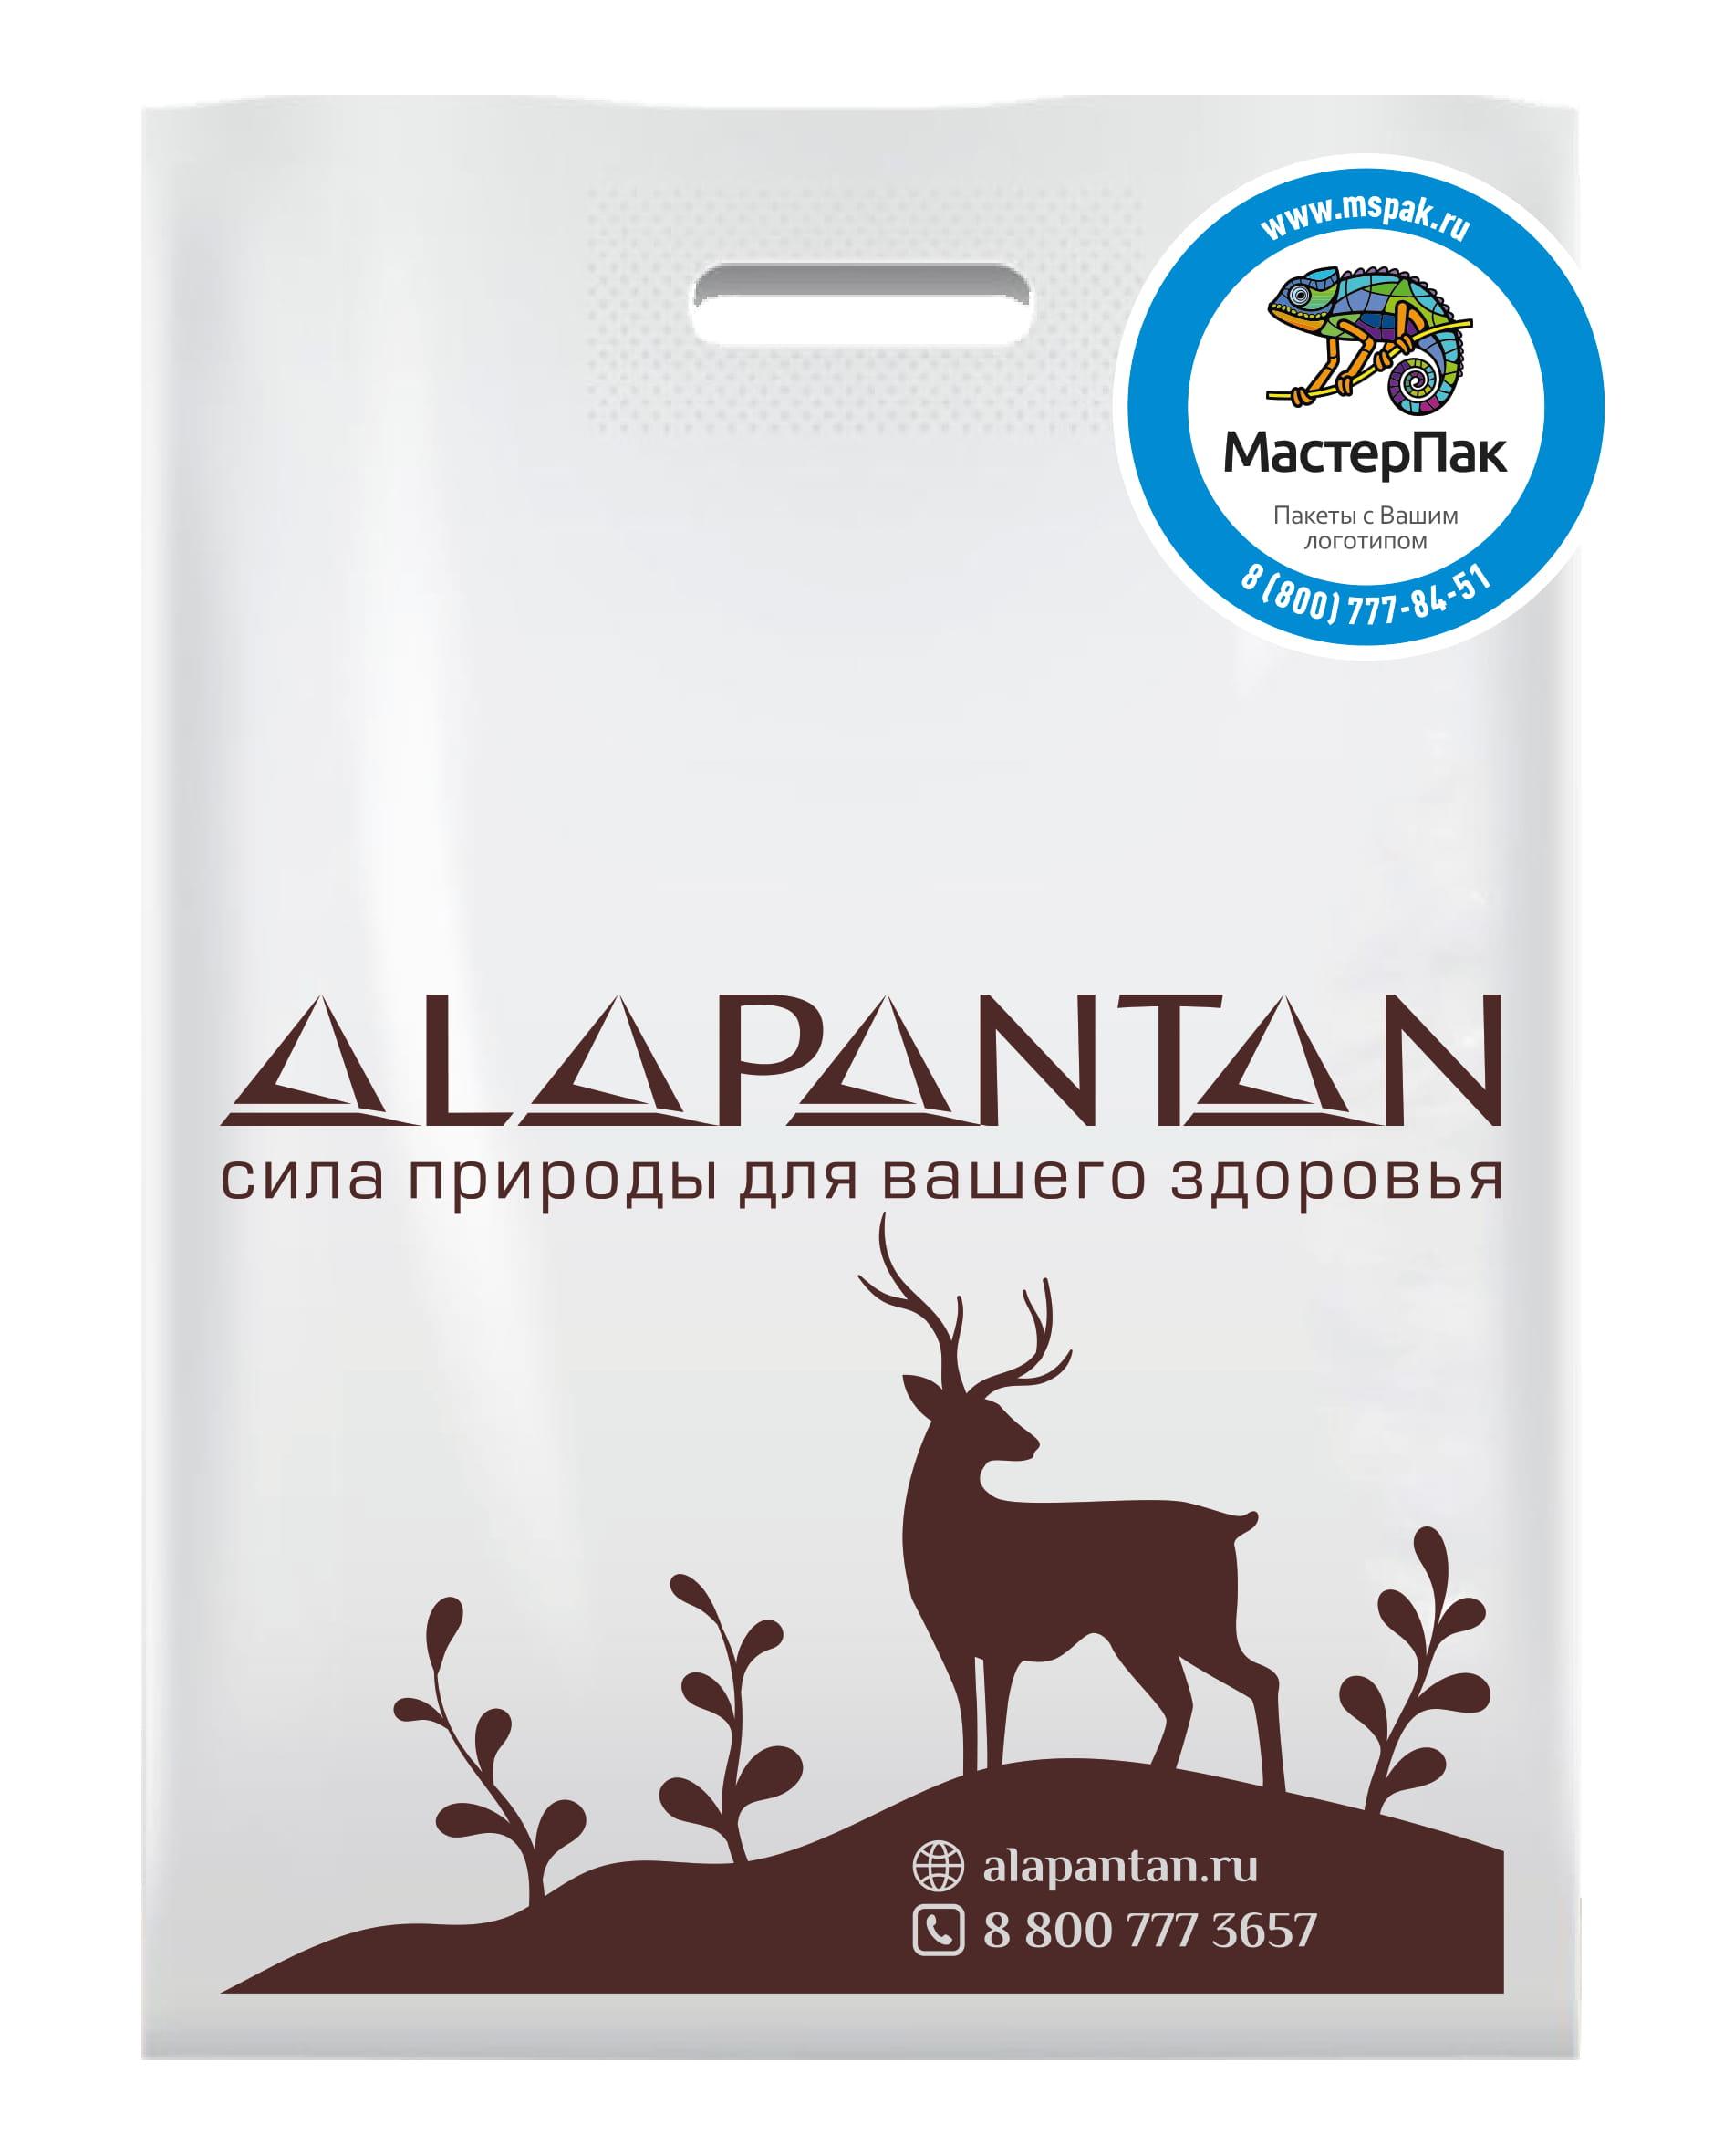 Пакет ПВД с логотипом Alapantan, Спб, белый, усиленная вырубная ручка